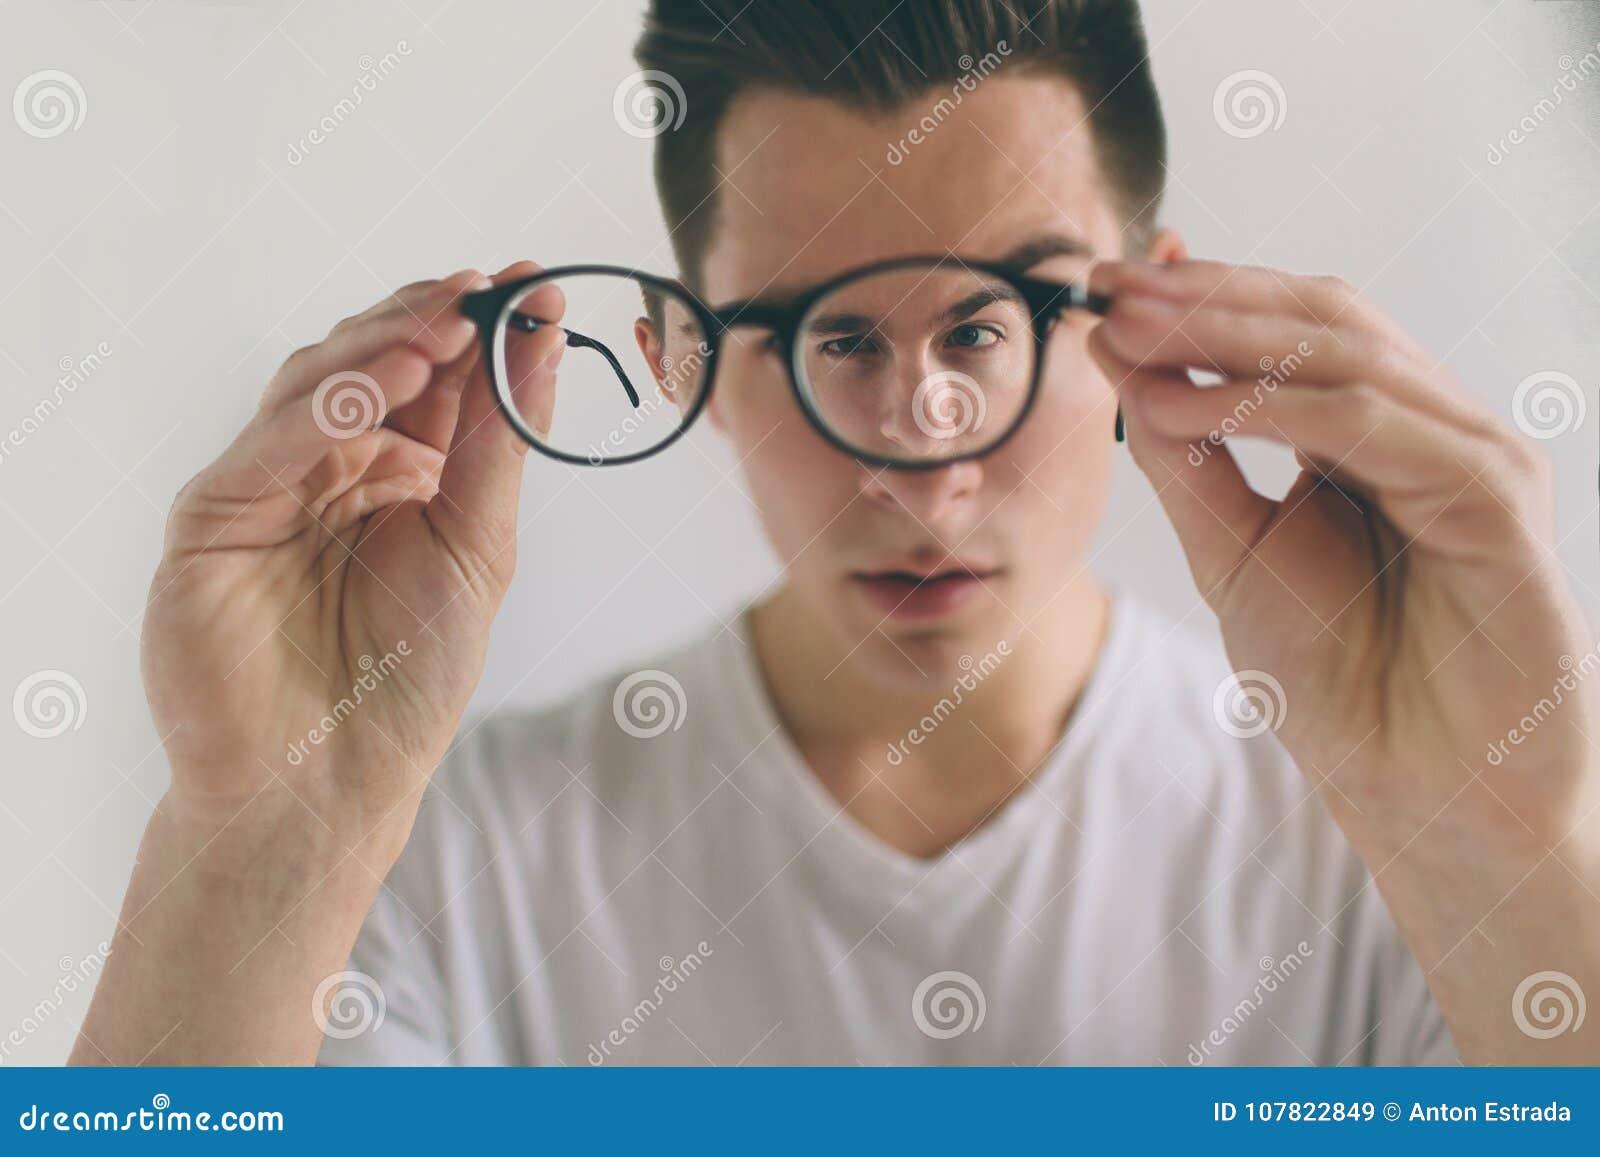 Nahaufnahmeporträt des jungen Mannes mit Gläsern Er hat Sehvermögenprobleme und schielt seine Augen ein wenig stattlich